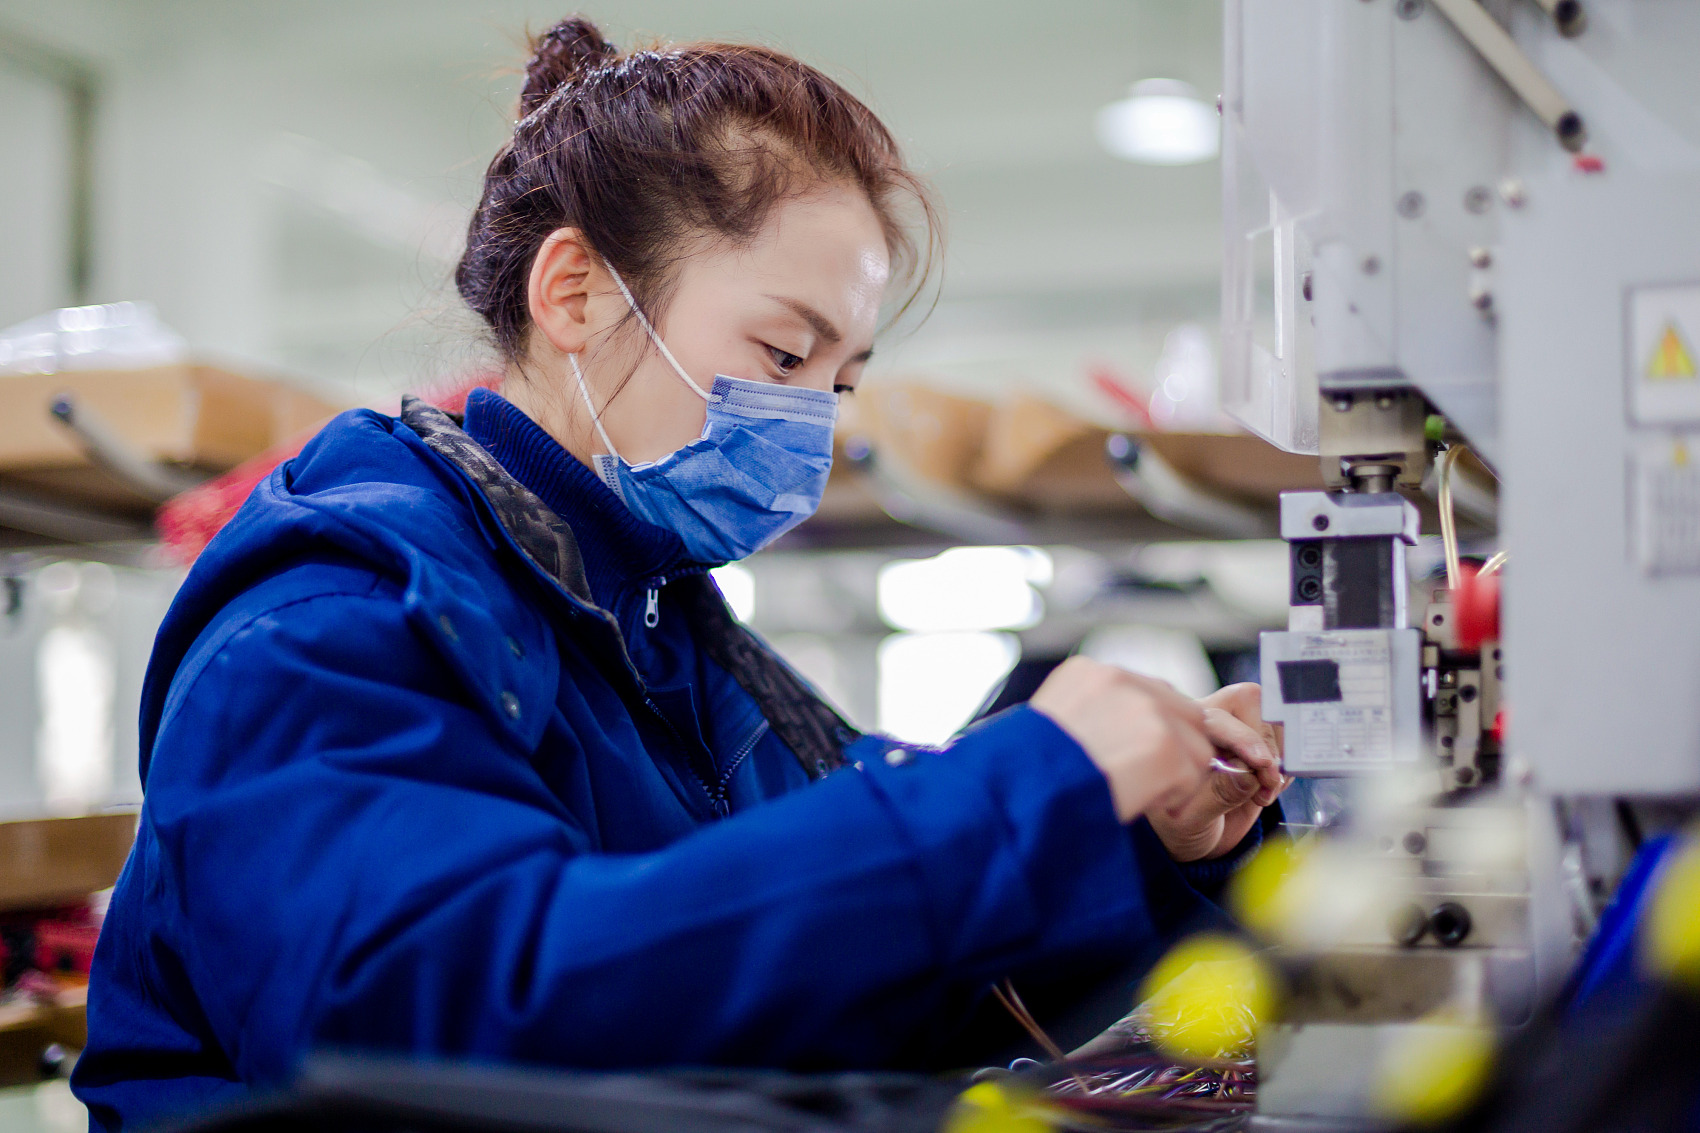 Training to help rural folk find jobs